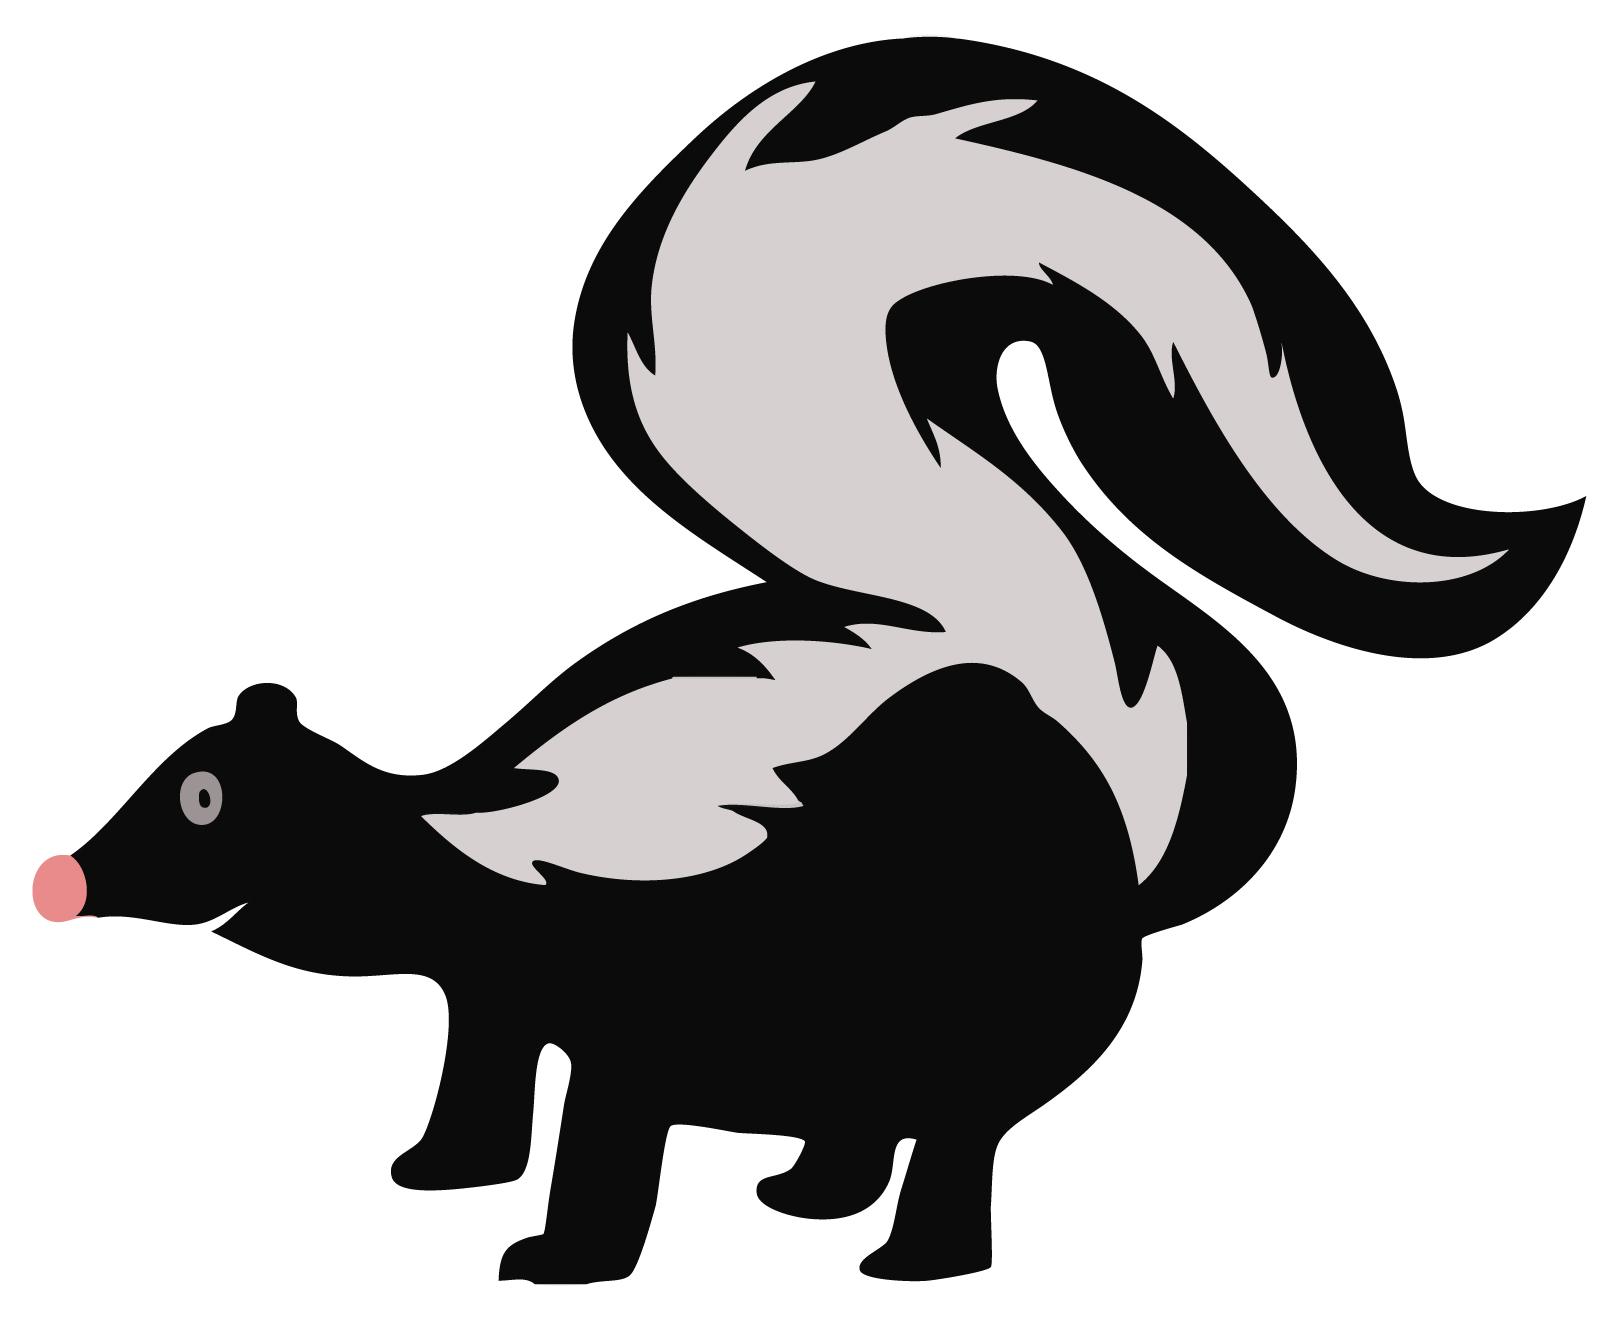 Skunk Clipart.